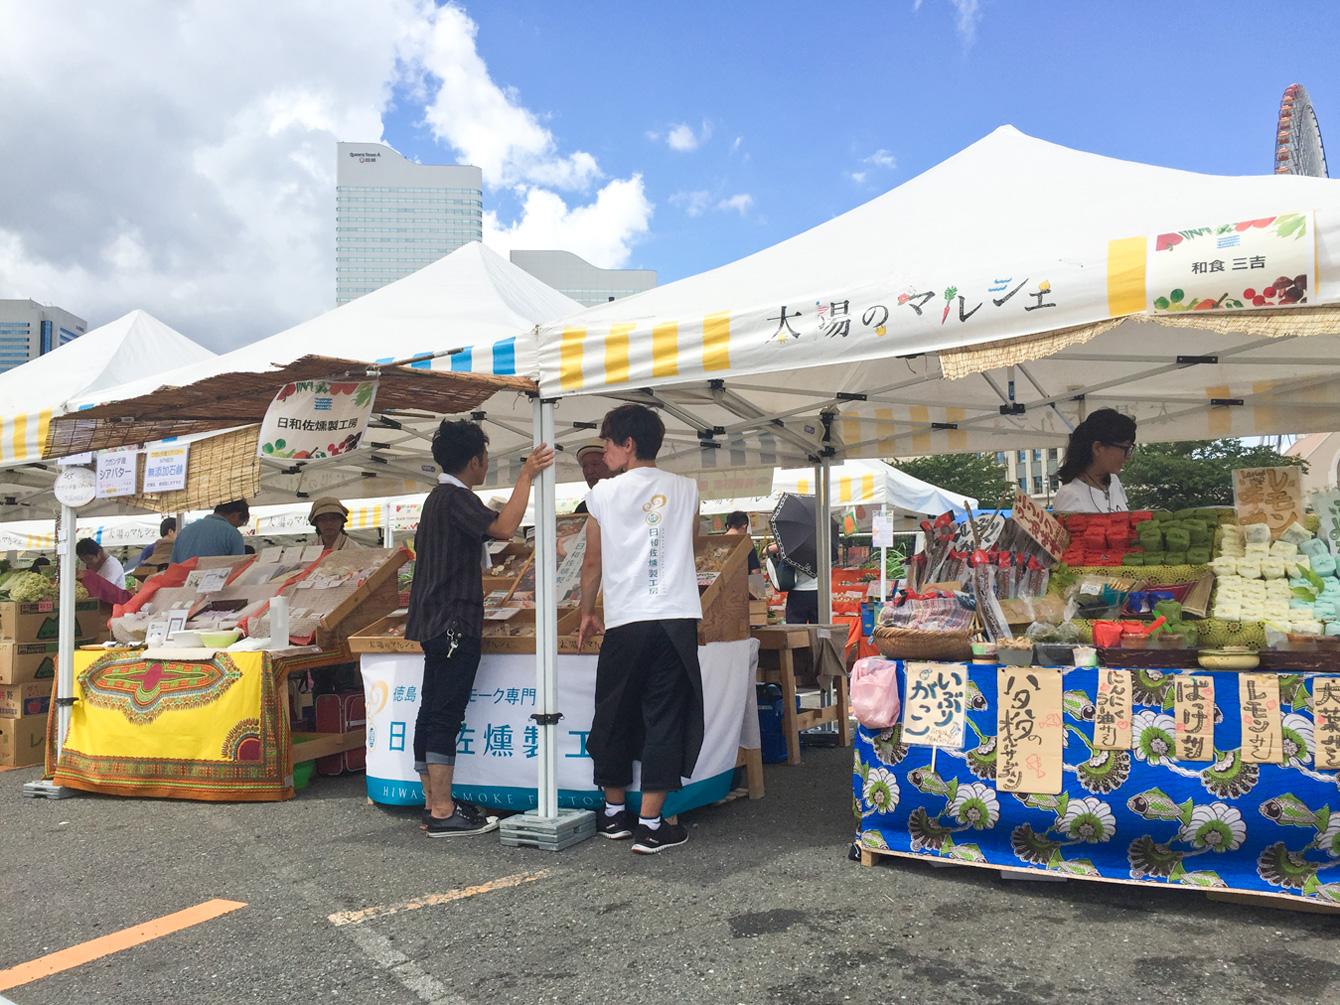 たくさんのお店が並ぶ横浜北仲マルシェ。